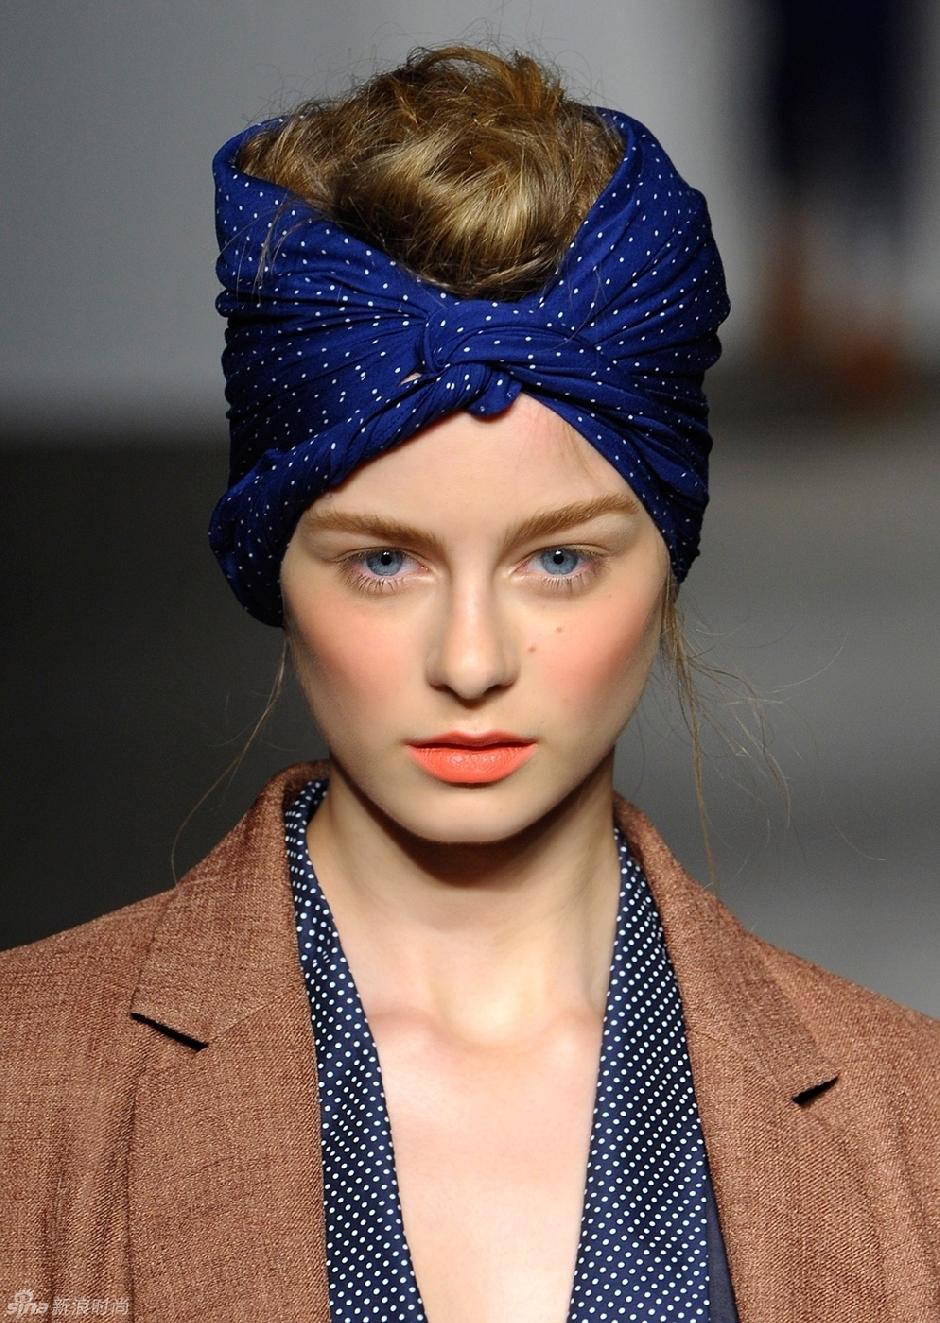 pañuelos en la cabeza, formas de ponerse un pañuelo en la cabeza, pañuelo de seda en azul con lunares blancos, tendencias moda mujer 2018